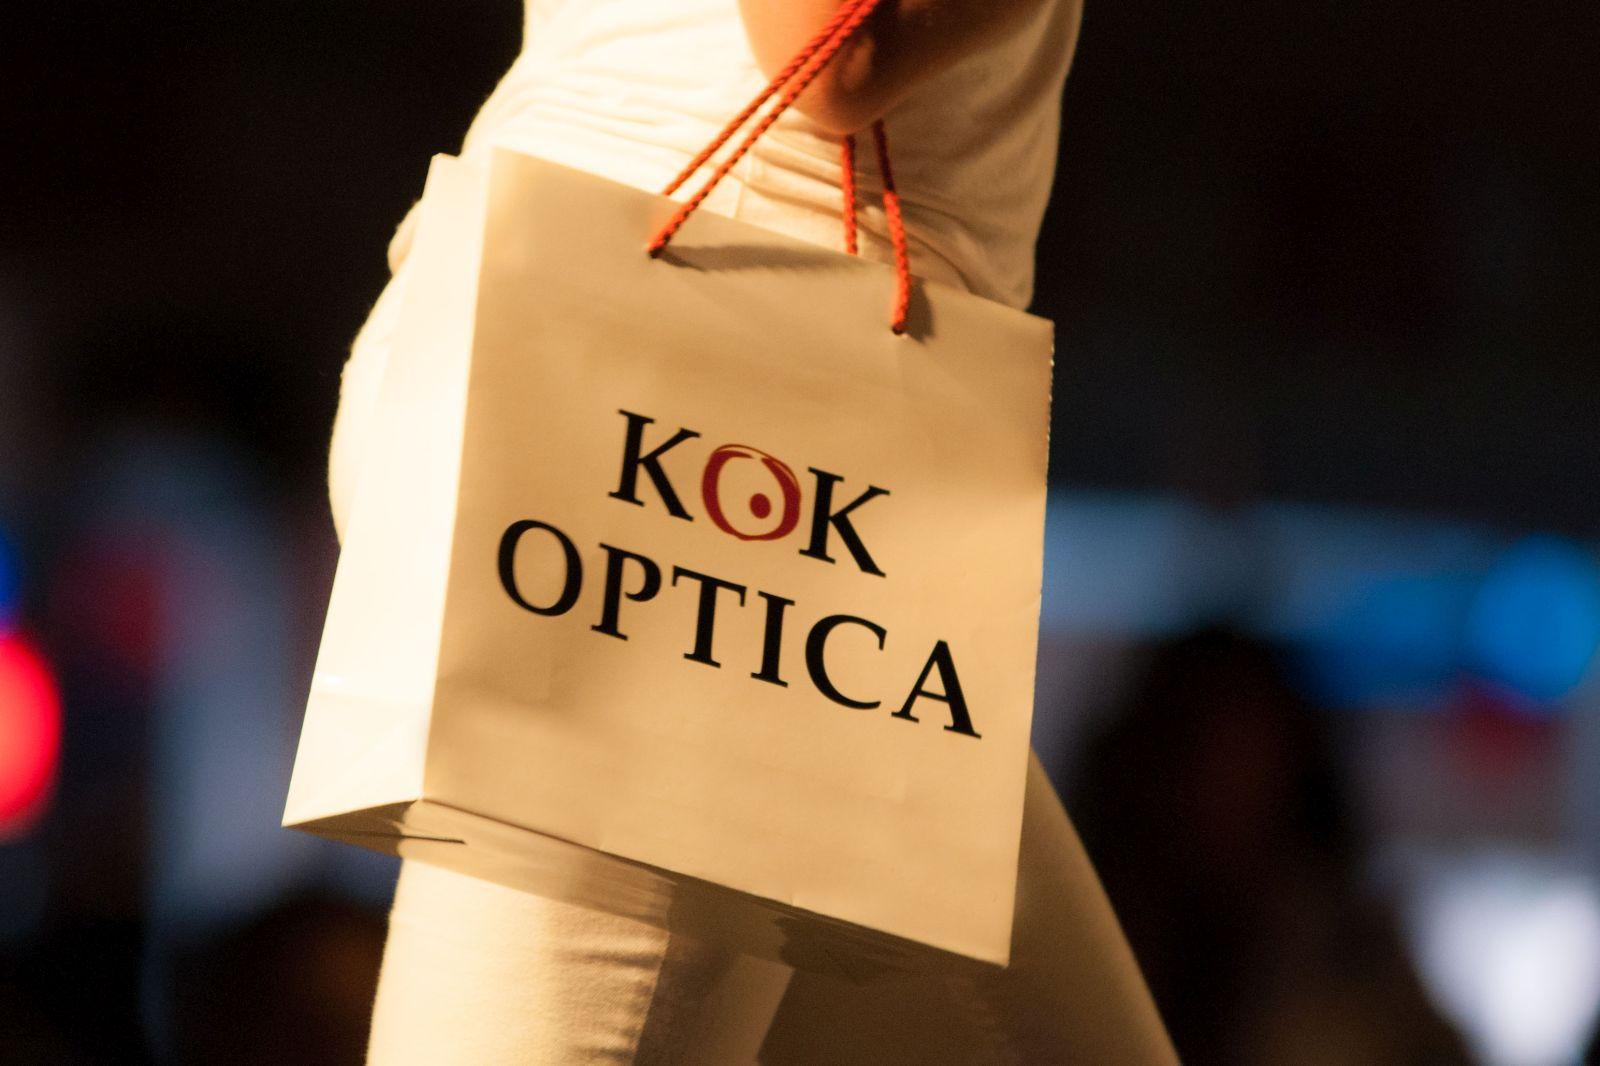 Kok-Optica-13